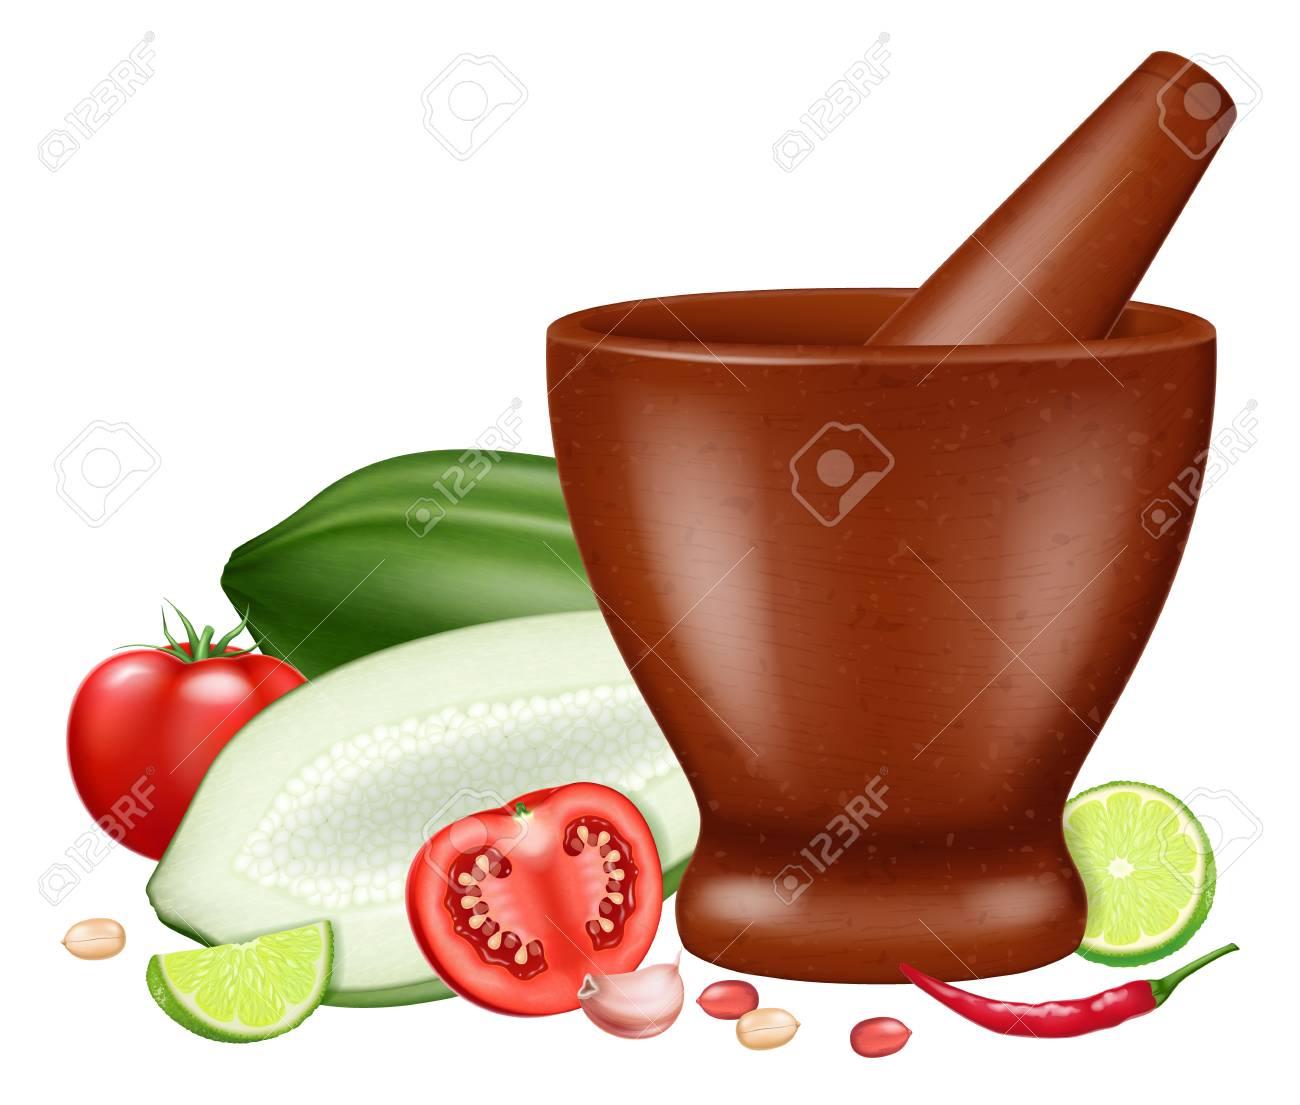 Green papaya salad or Som Tam. Vector illustration. - 114846662